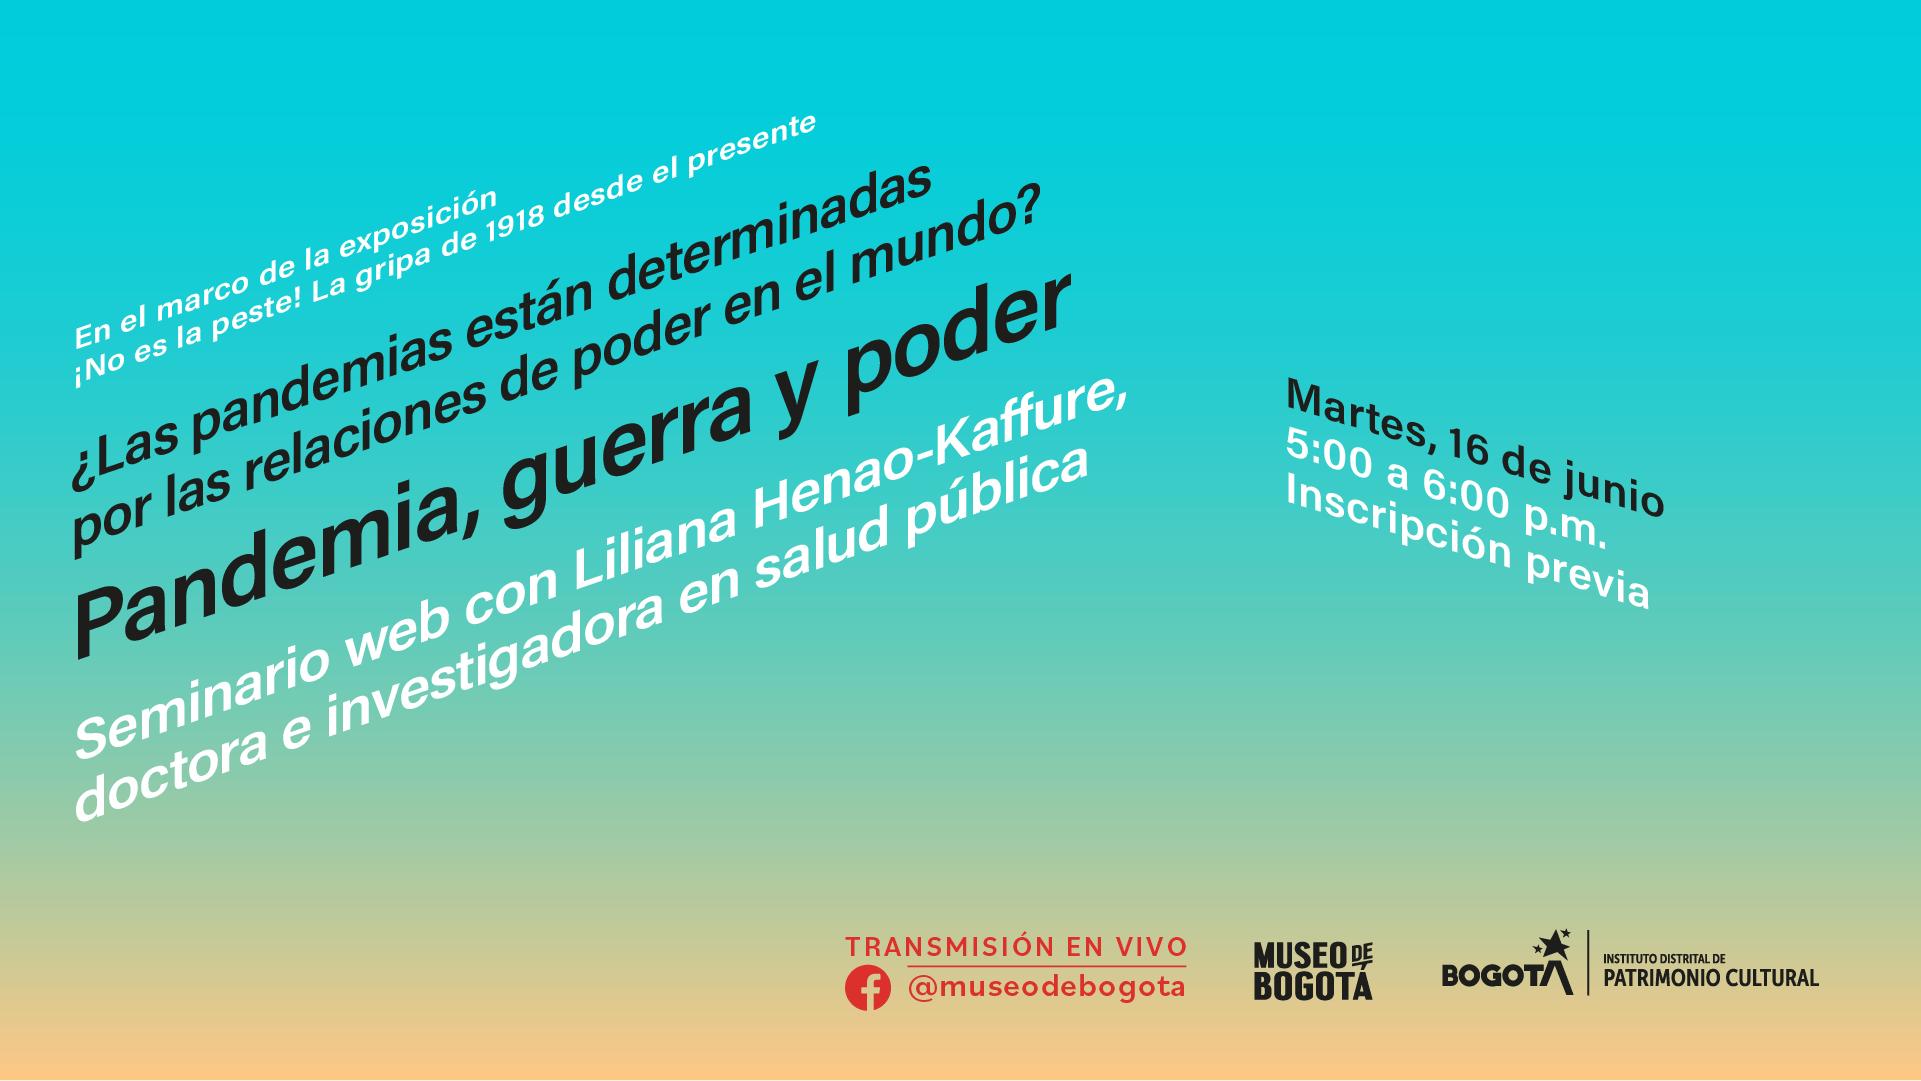 Museo de Bogotá - Seminario web para pensar el vínculo entre las pandemias y las relaciones de poder en el mundo